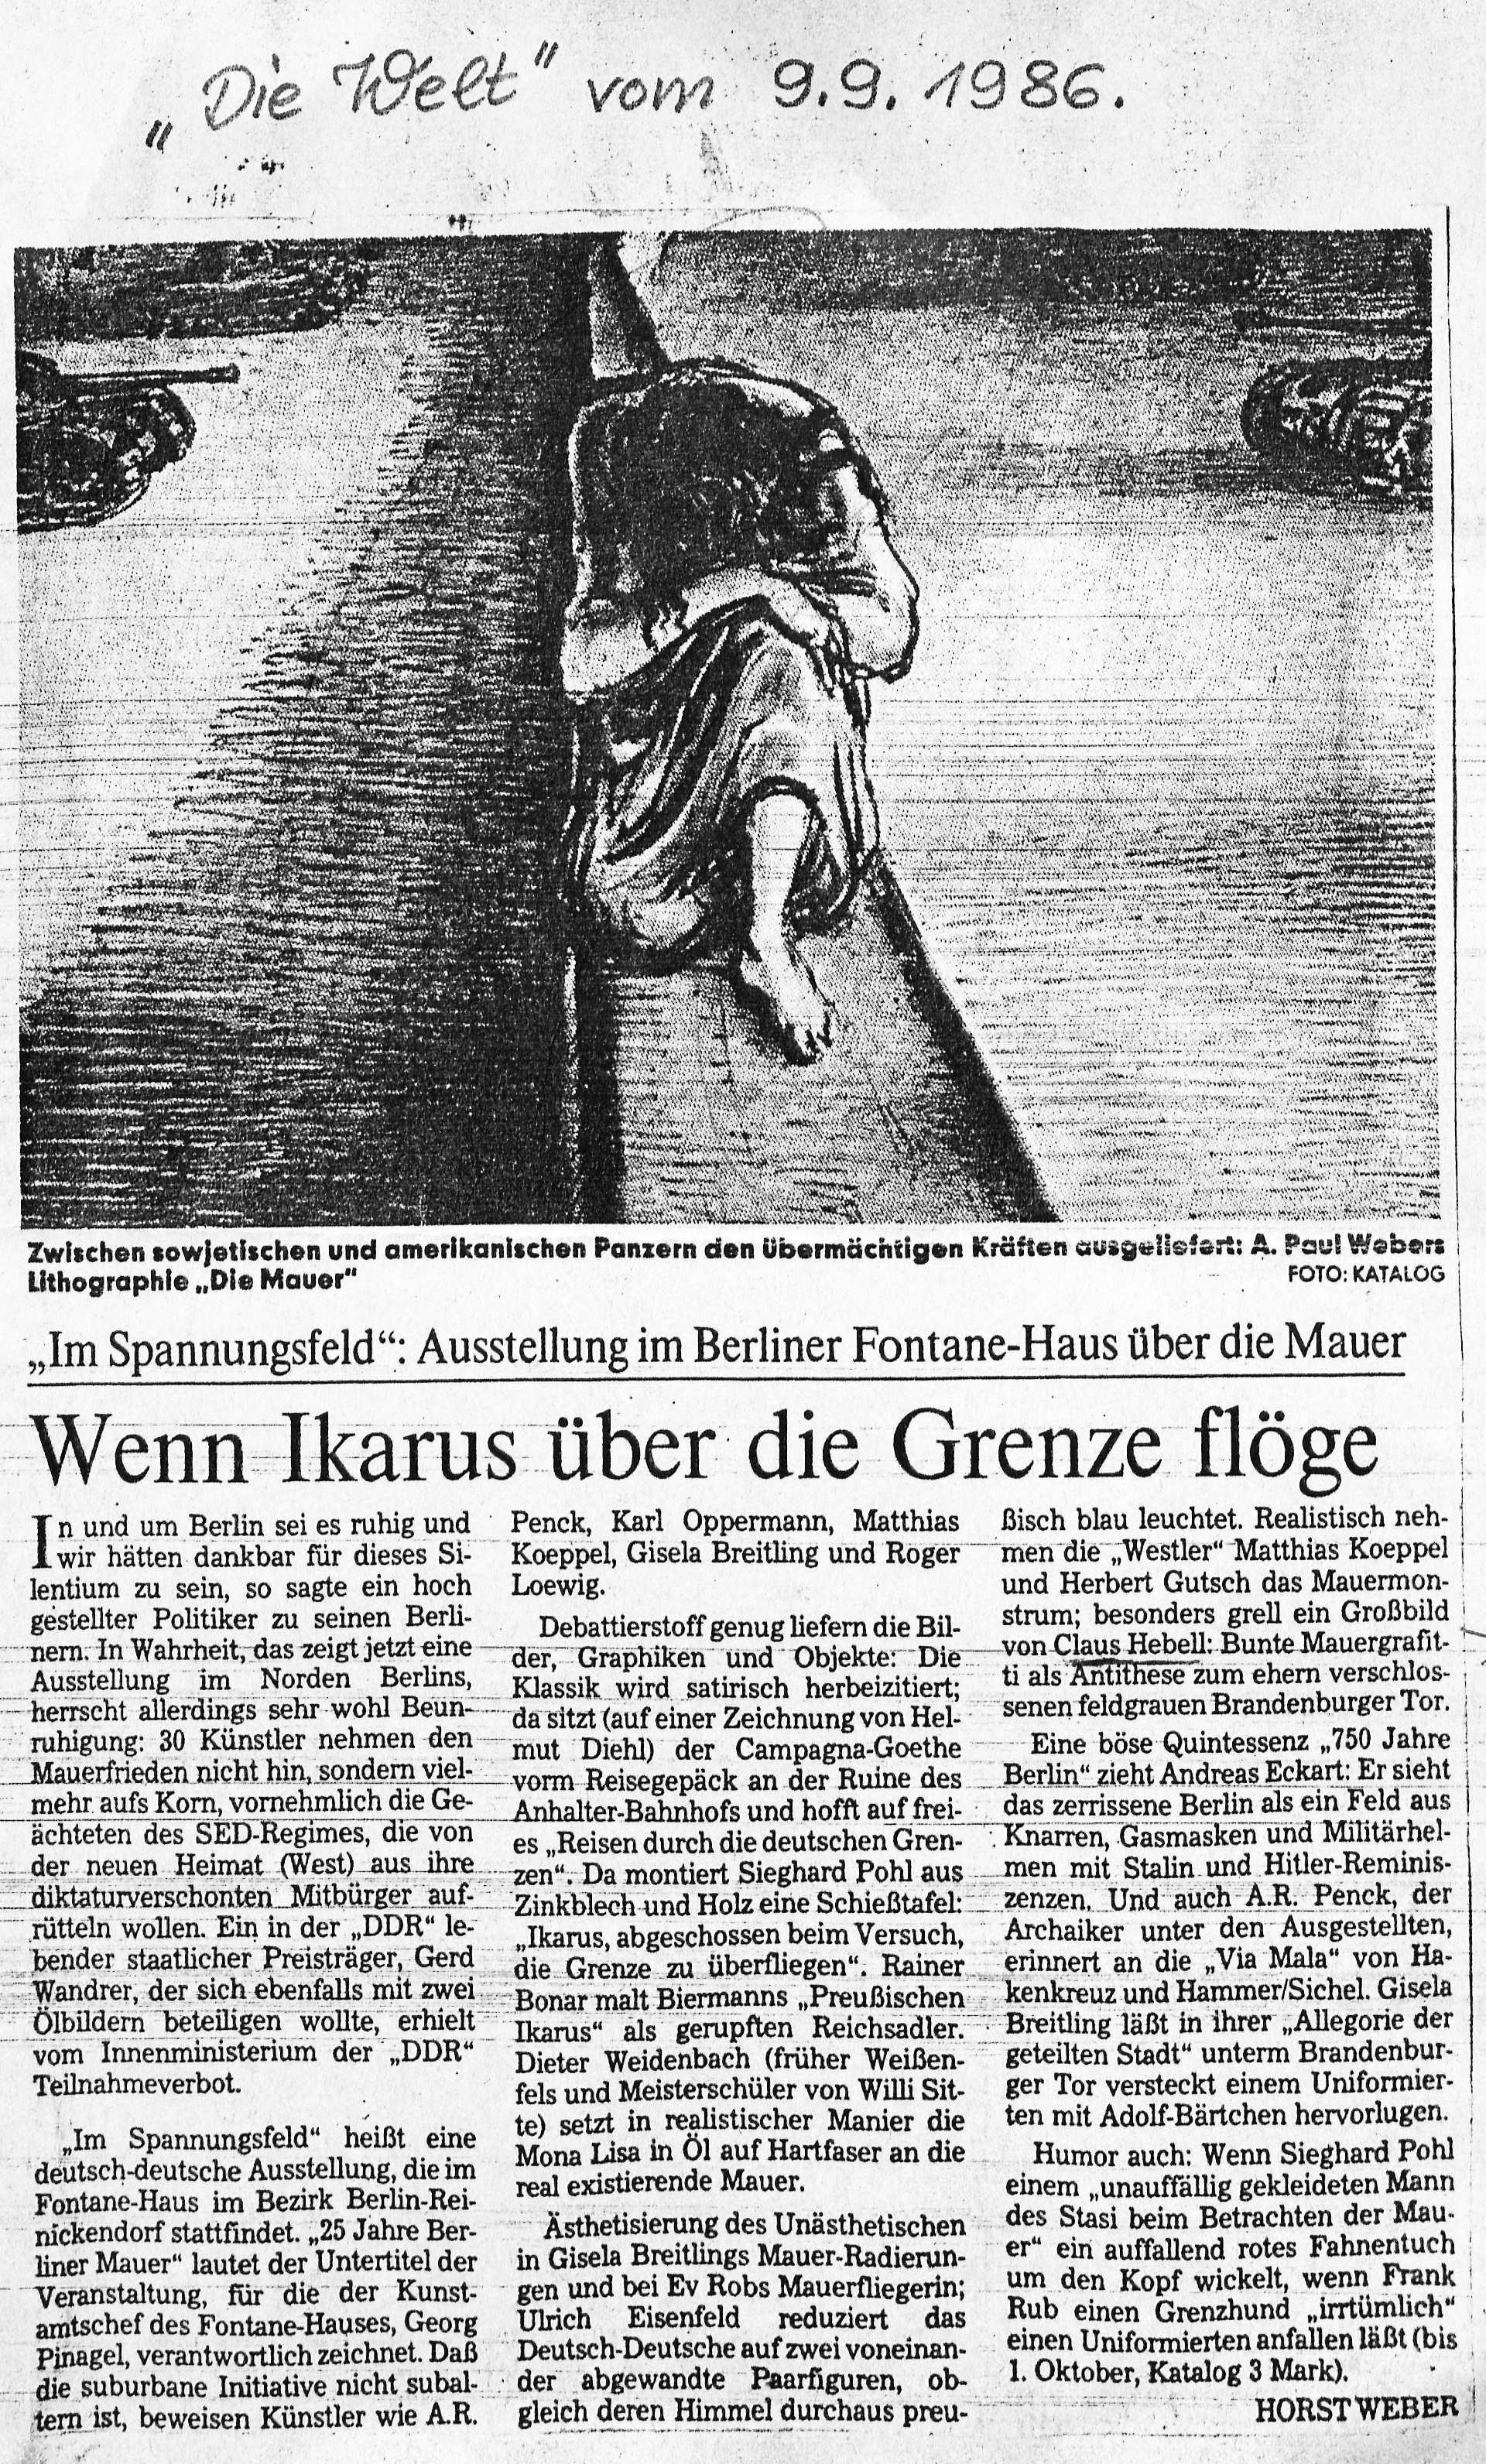 Die Welt. 9. September 1986: Wenn Ikarus über die Grenze flöge